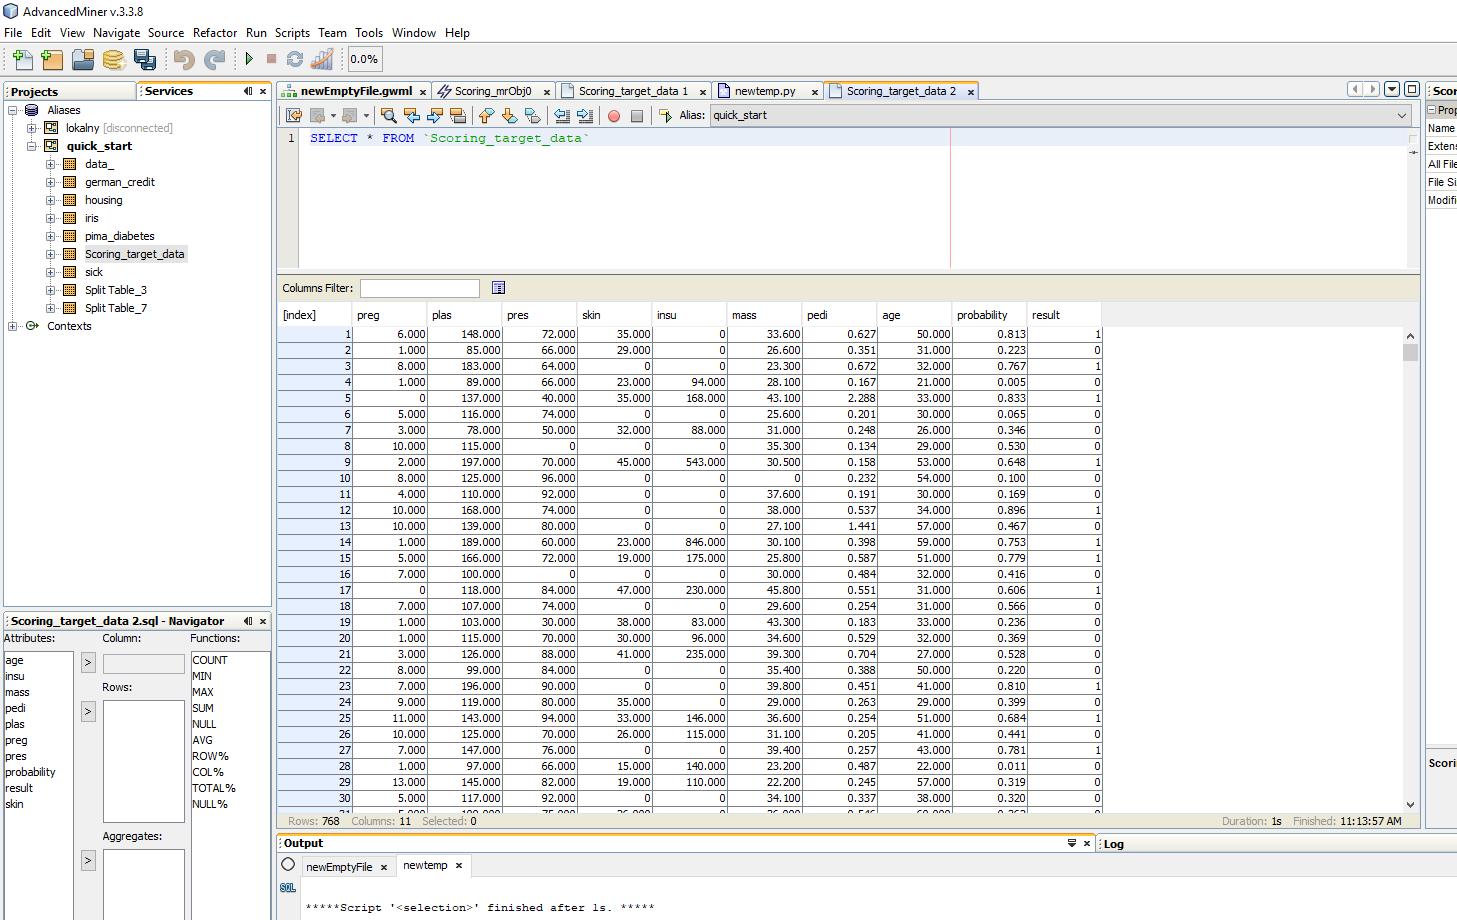 Budowanie modeli predykcyjnych w programie AdvancedMiner - 32